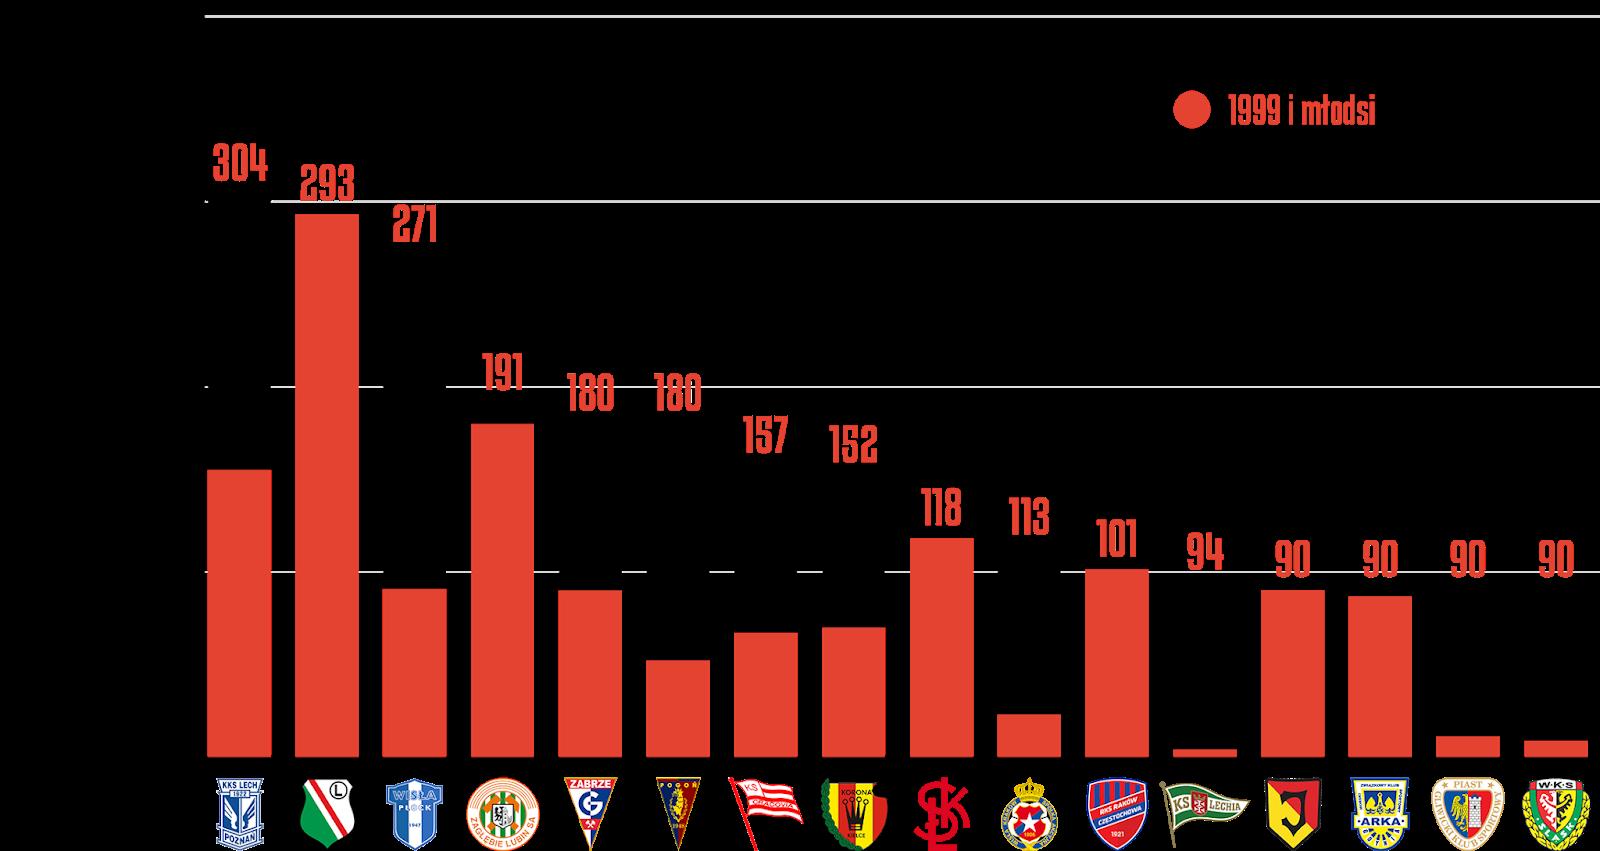 Klasyfikacja klubów pod względem rozegranych minut przez młodzieżowców w32.kolejce PKO Ekstraklasy<br><br>Źródło: Opracowanie własne na podstawie ekstrastats.pl<br><br>graf. Bartosz Urban